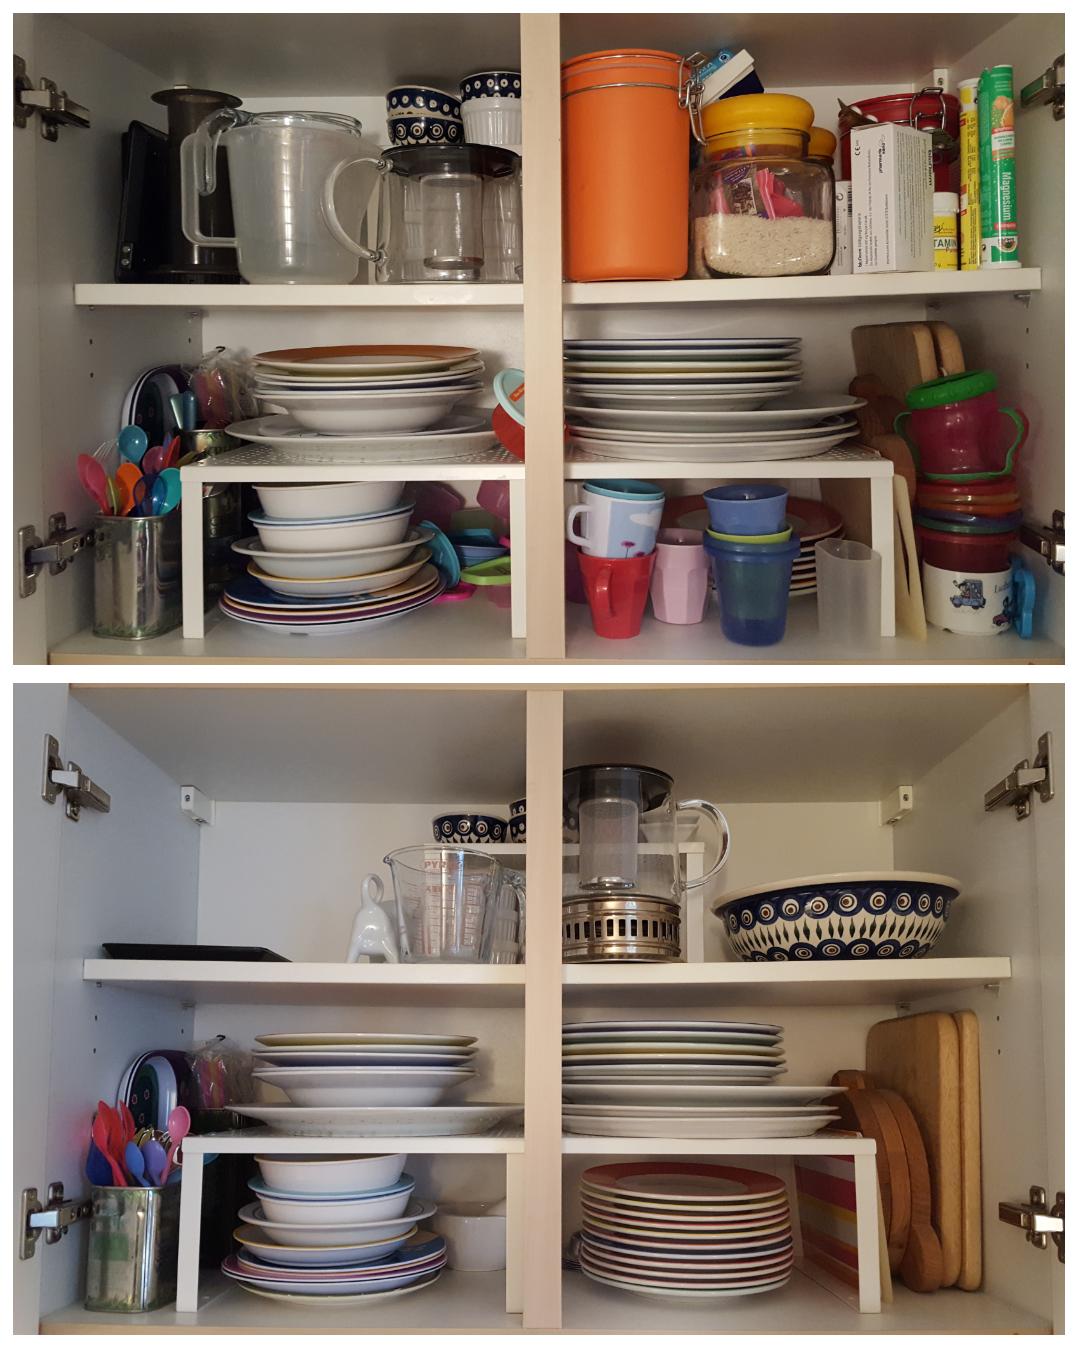 Projekt #19: Küche – Chaos im Kleiderschrank